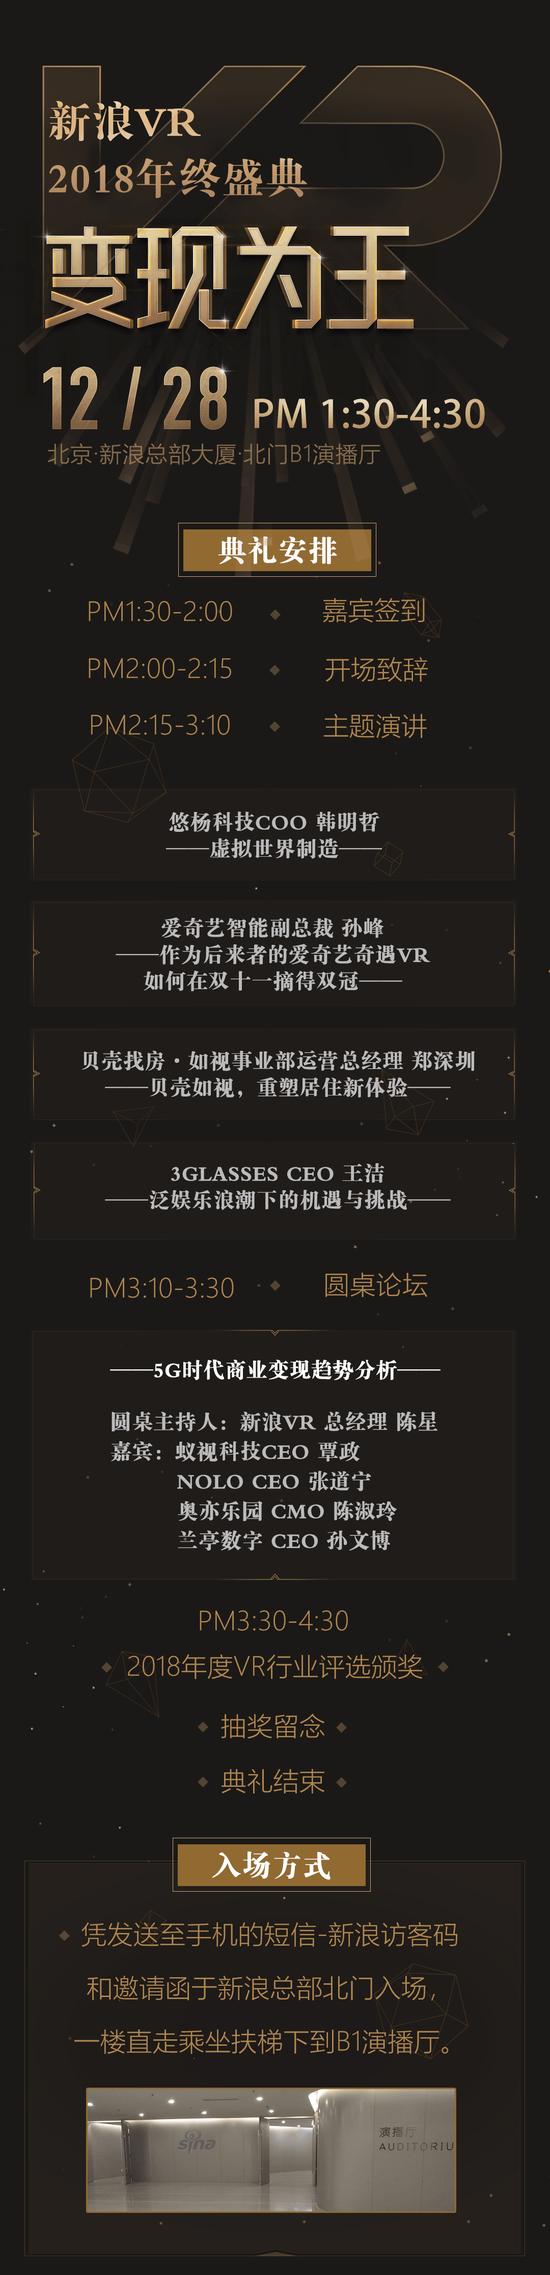 「新浪VR·变现为王2018年终盛典」流程全揭秘 12月28日不见不散!